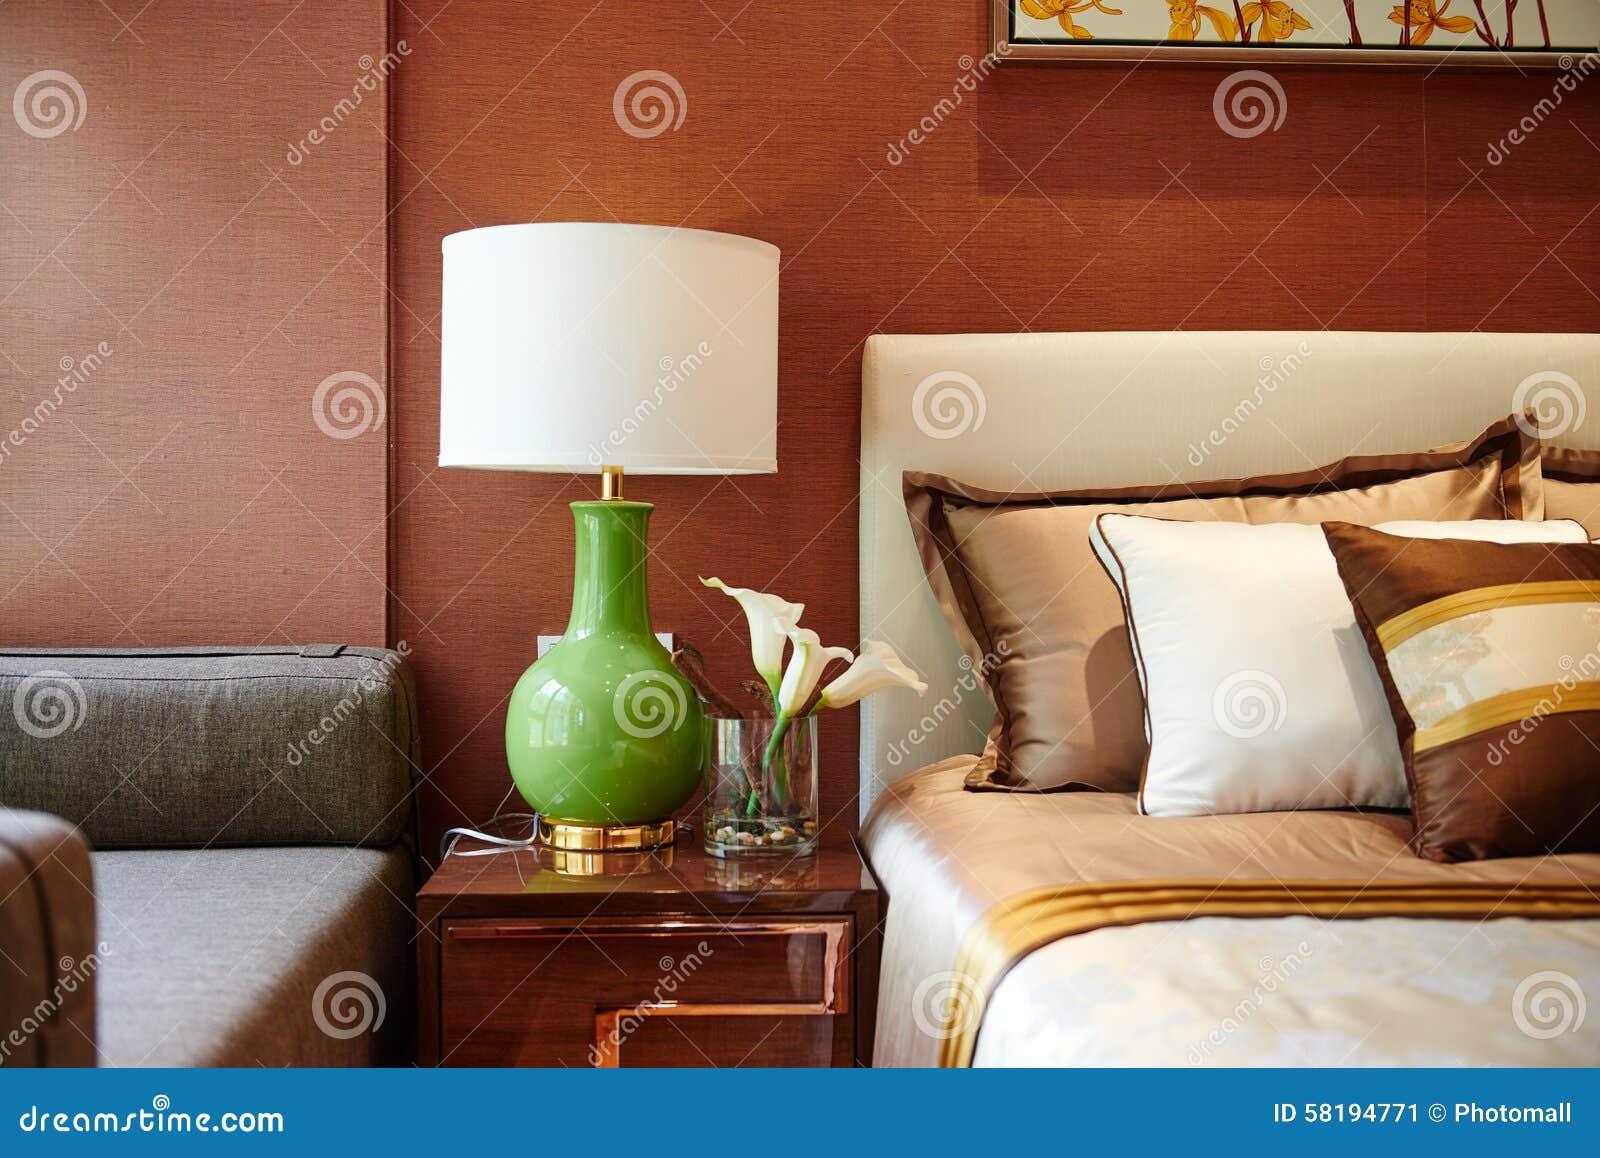 Lampade comodino camera da letto idee fai da te - Lampade per comodino letto ...